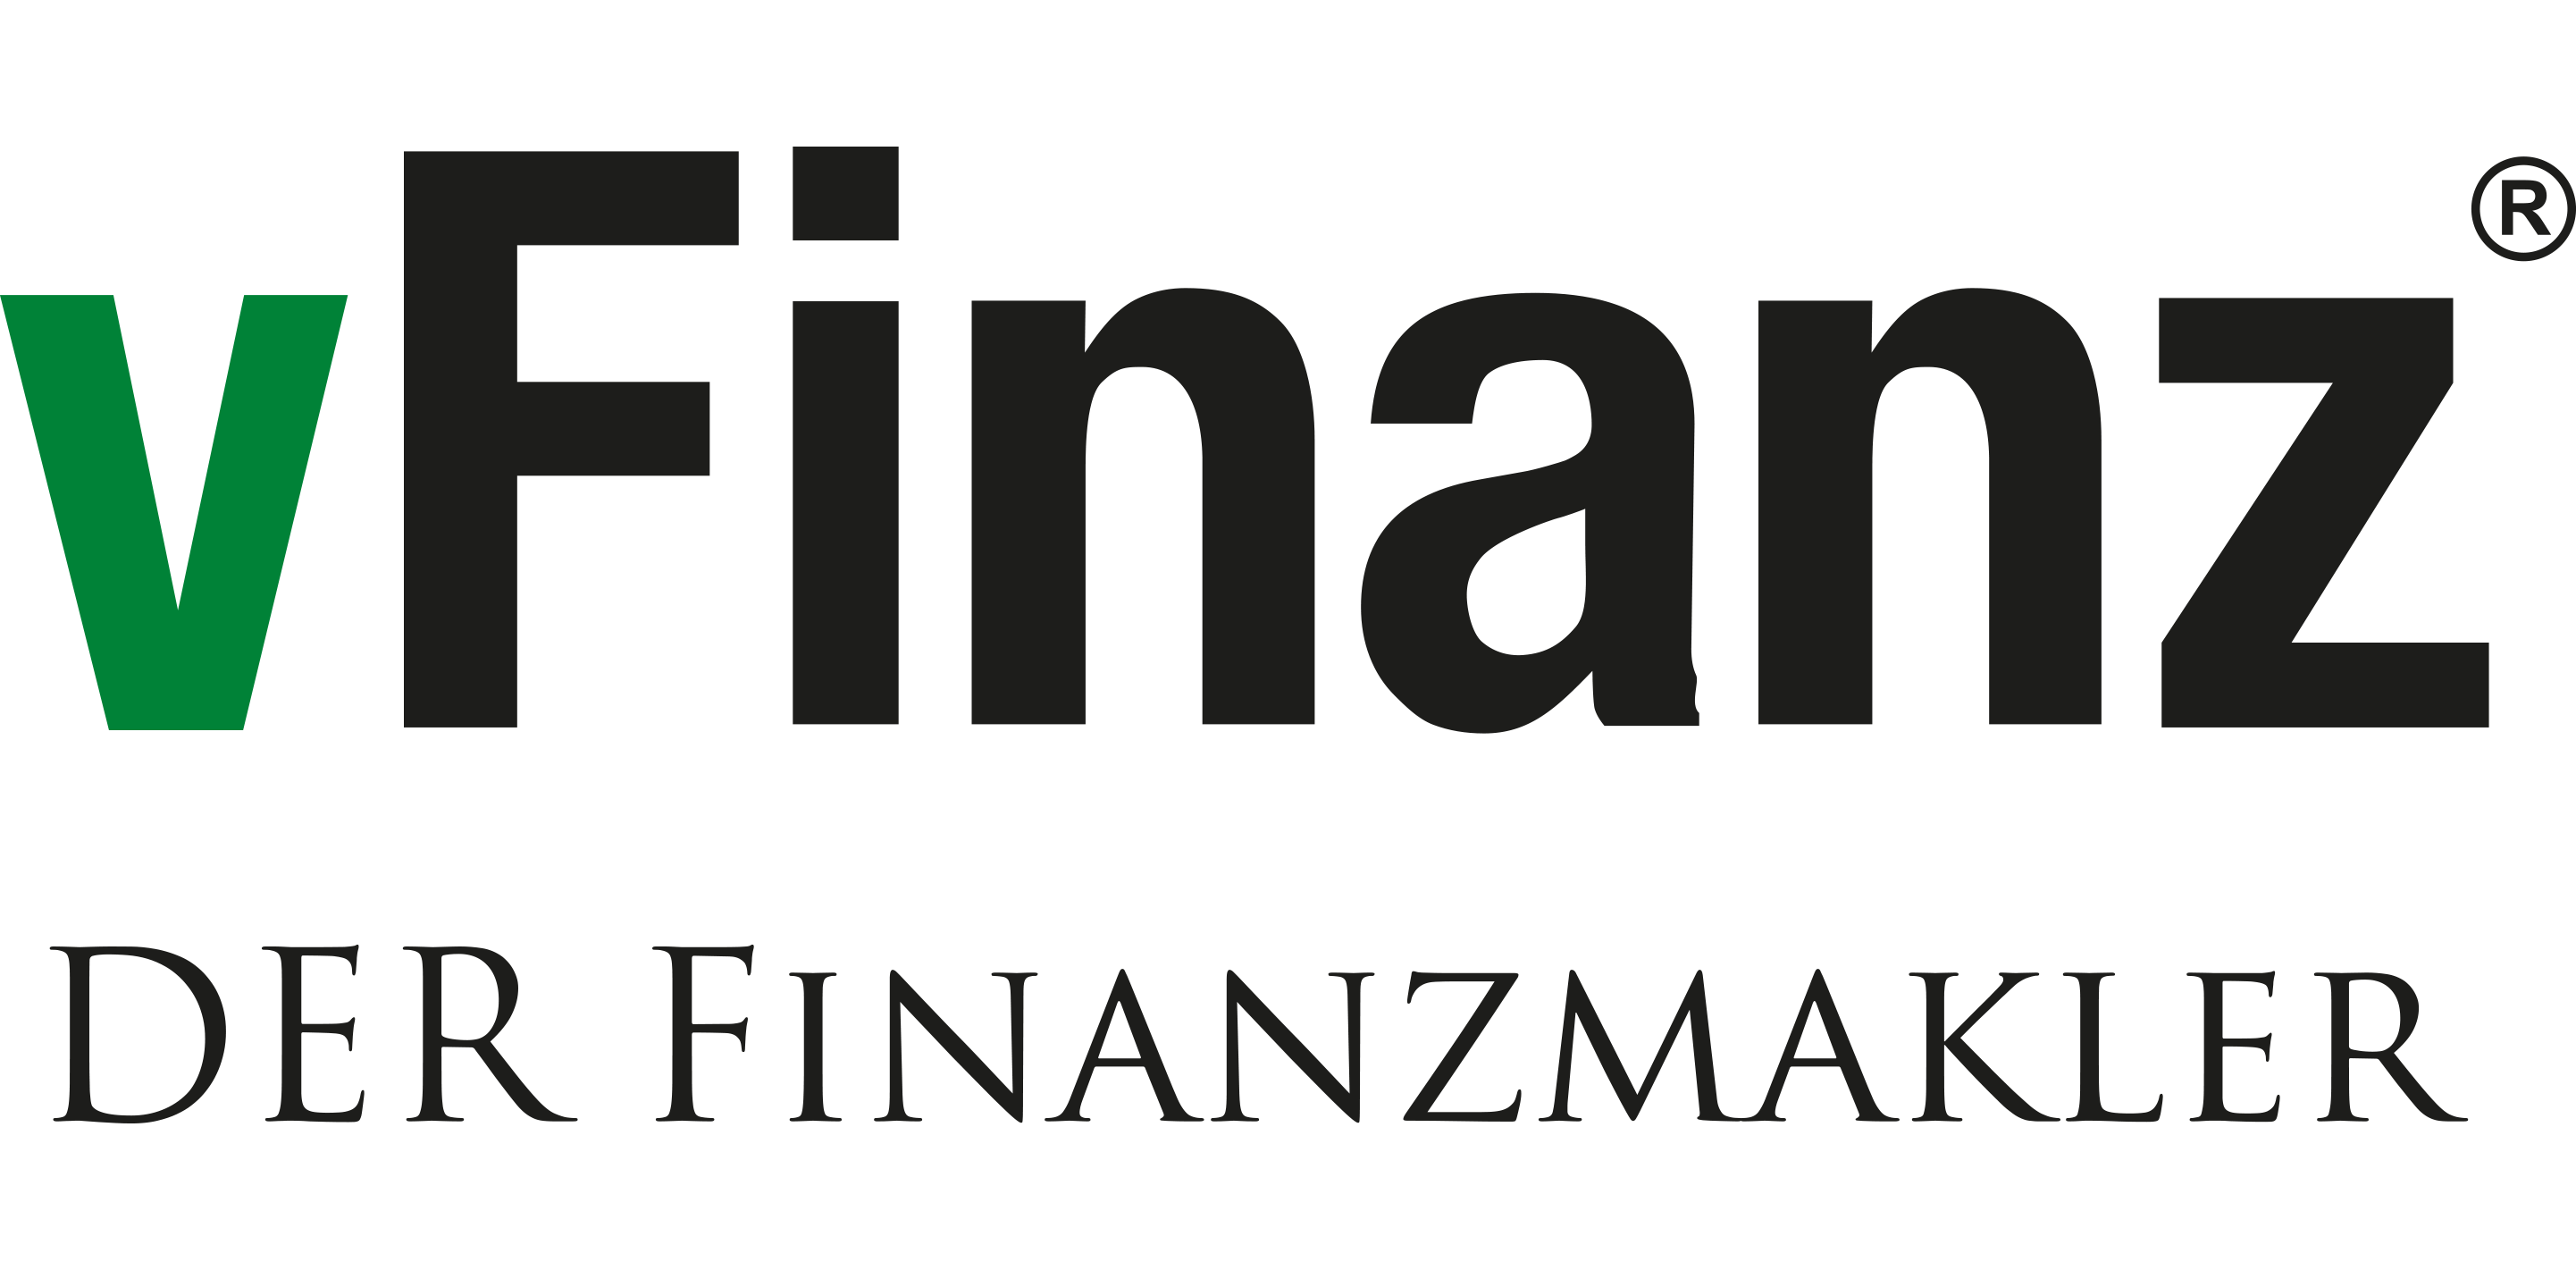 Der Finanzmakler